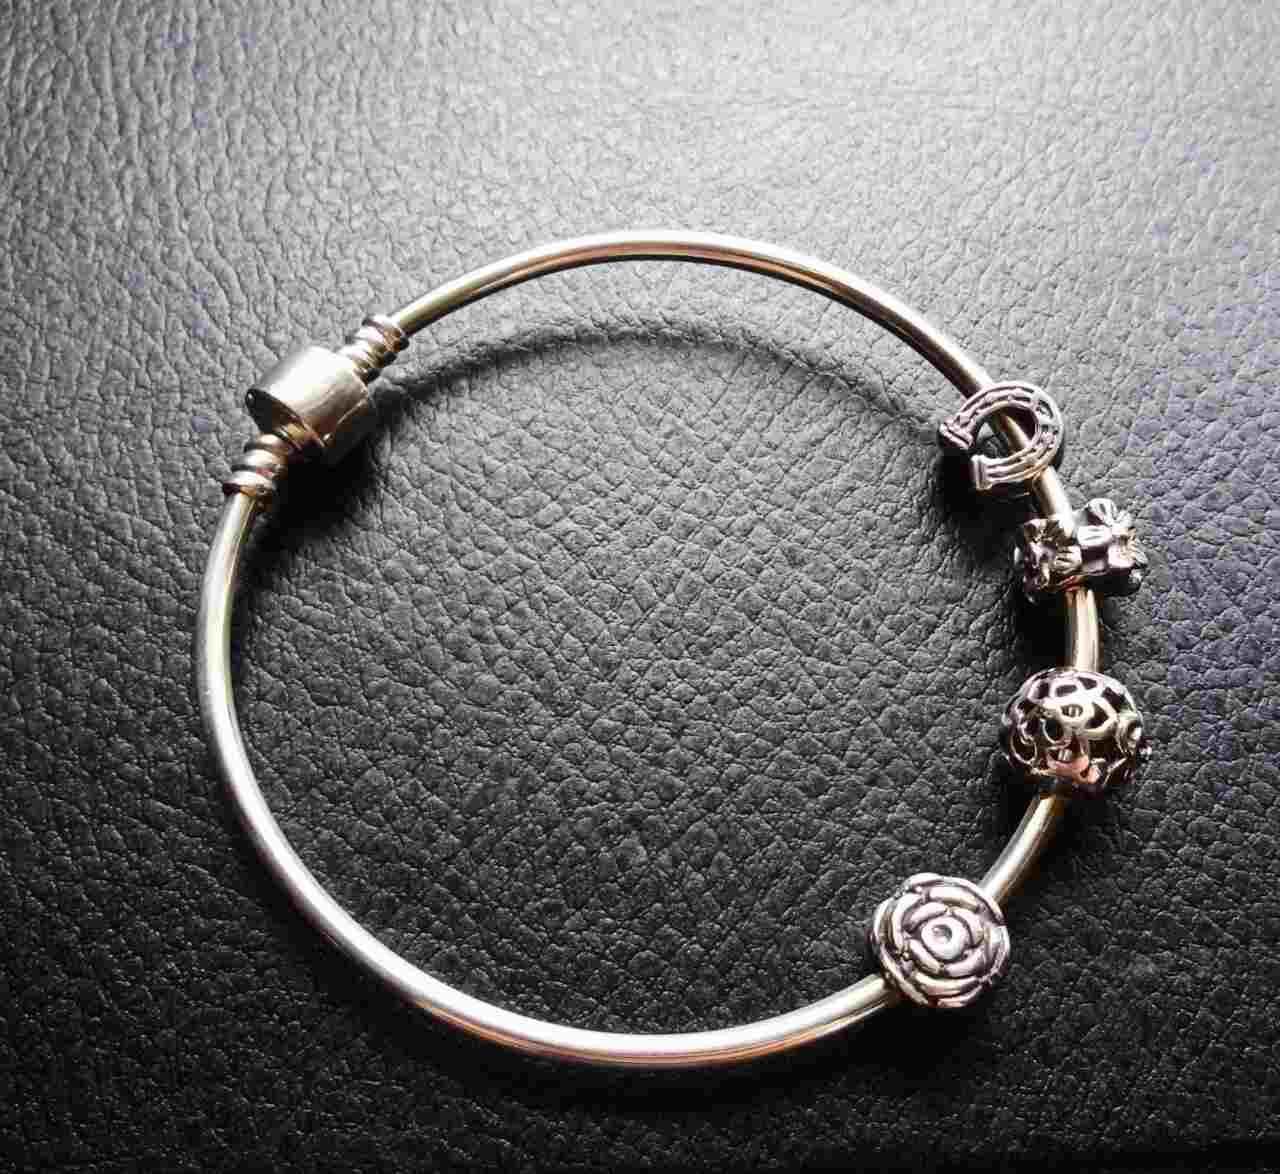 бусинка шарм на браслет пандора серебро 925 продажа цена в